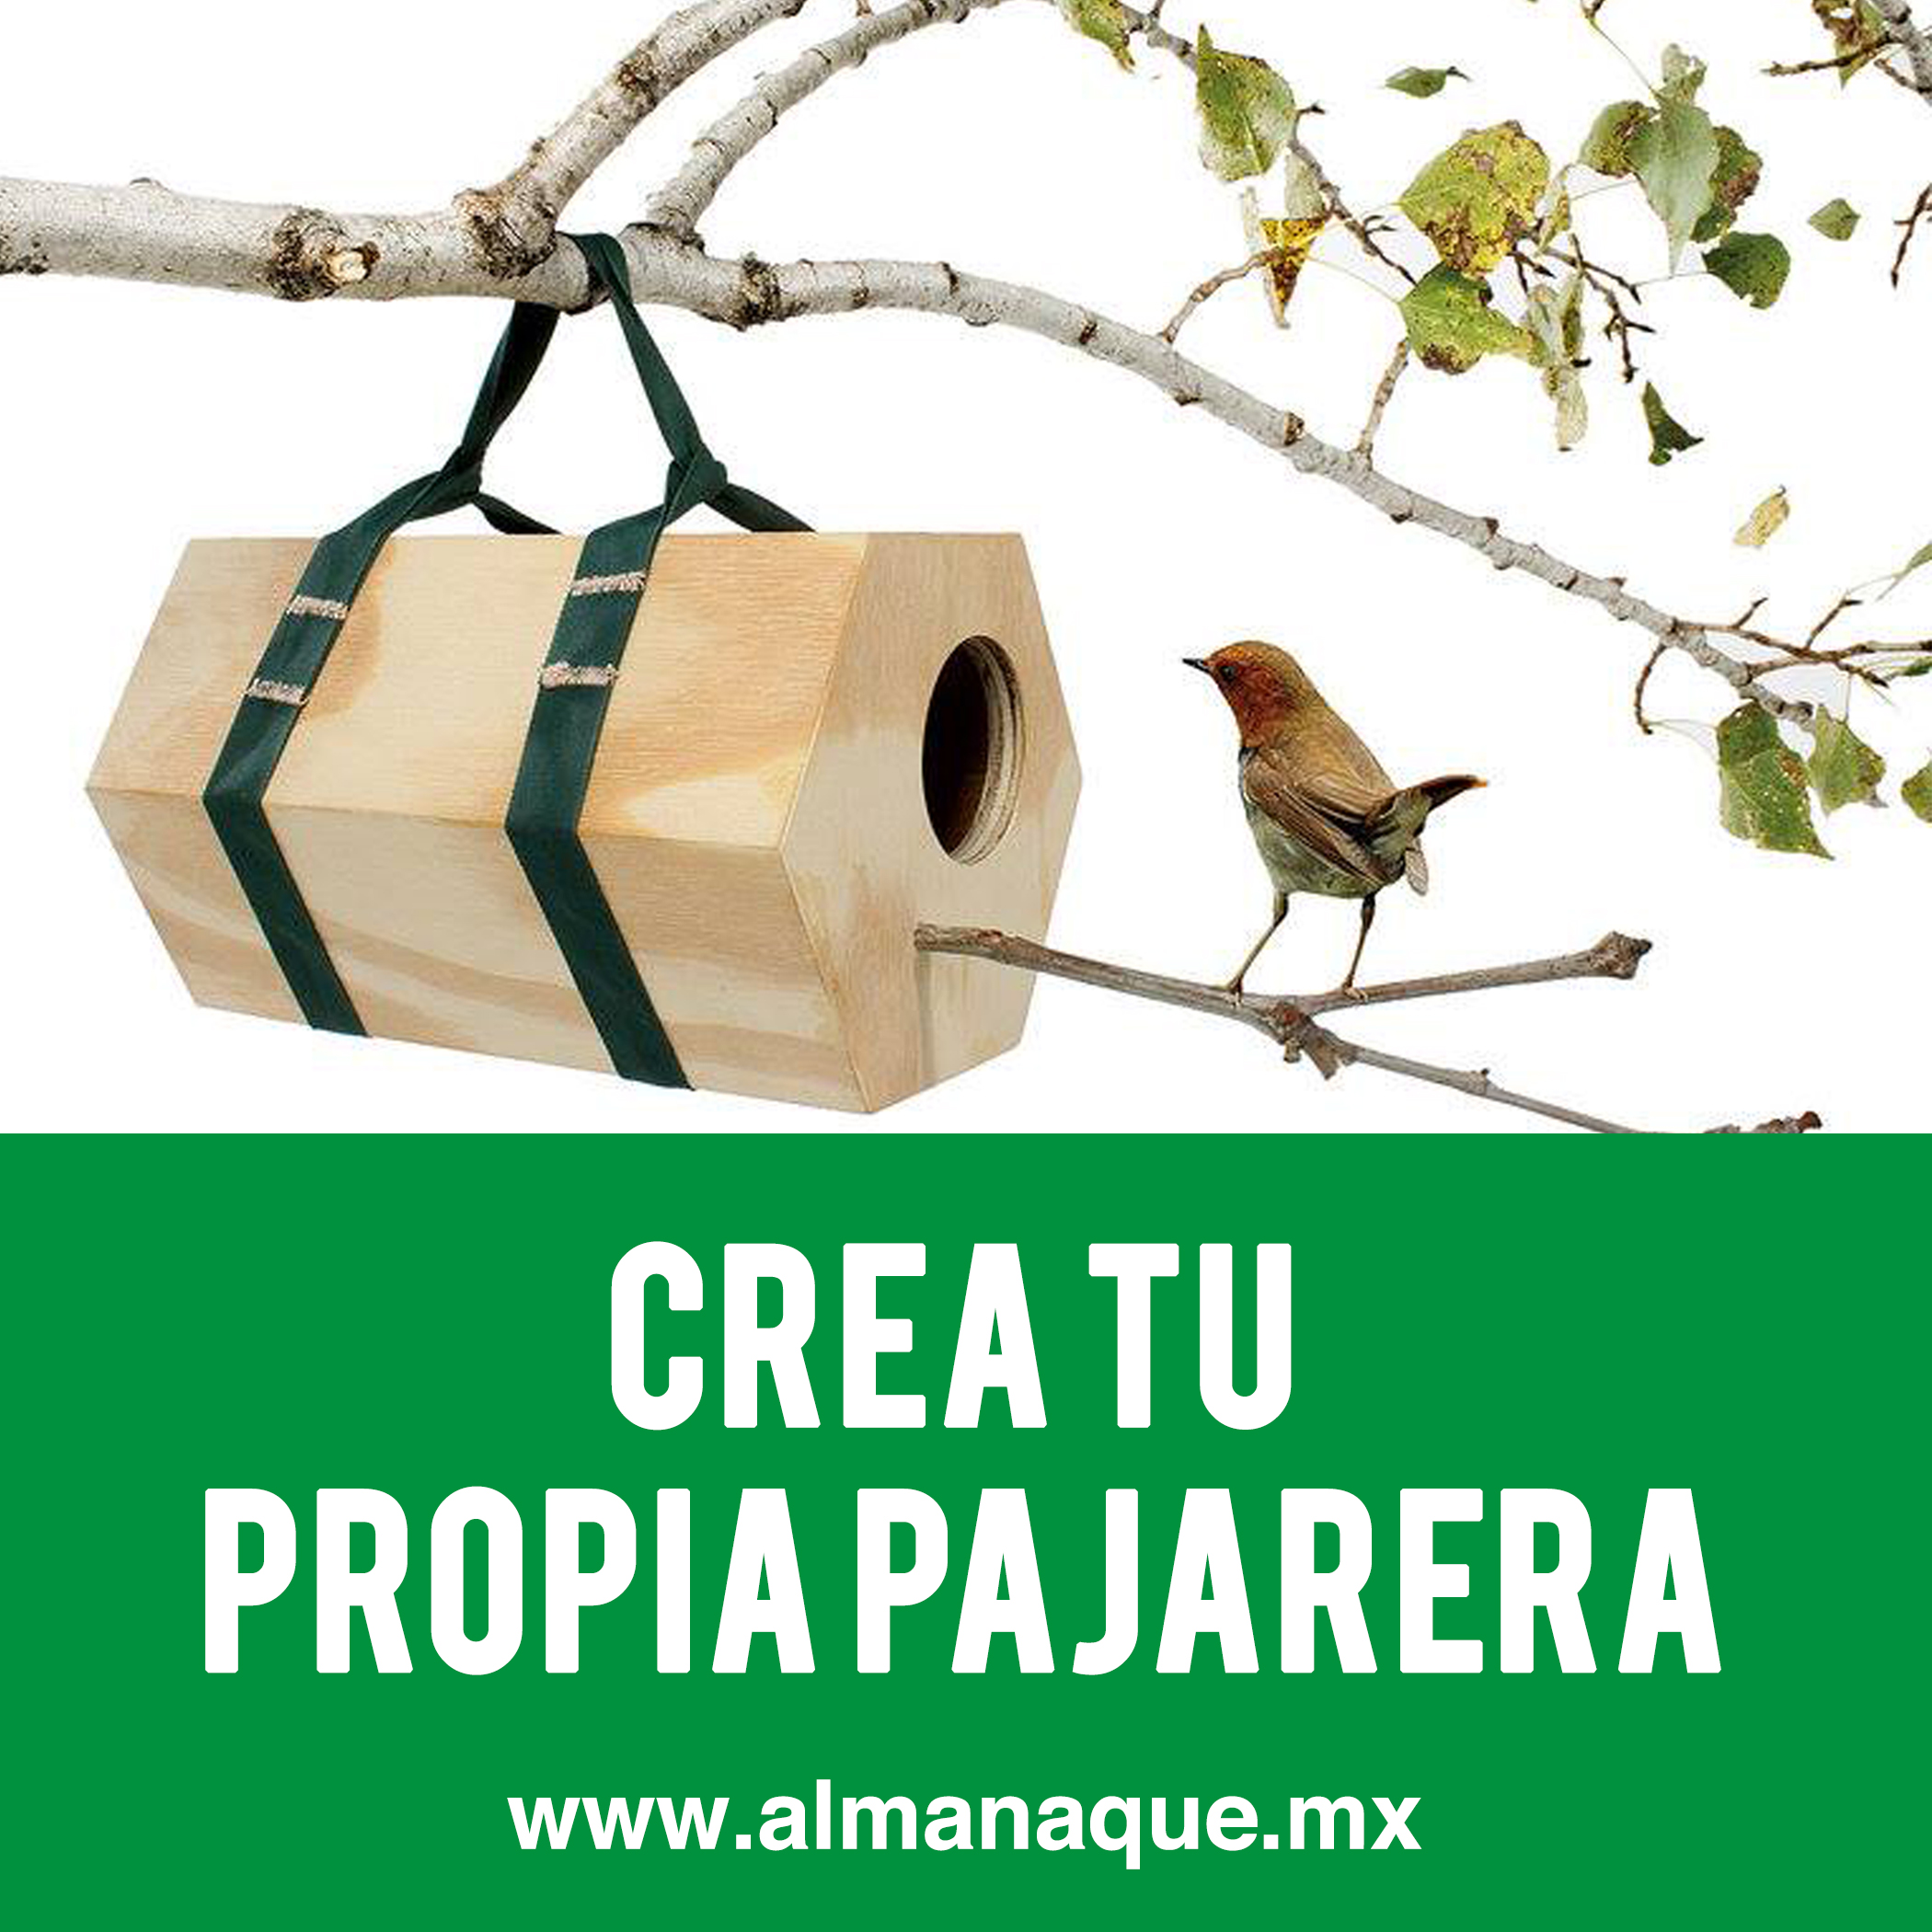 maderas-hidalgo-pajarera-blog-almanaque-mx